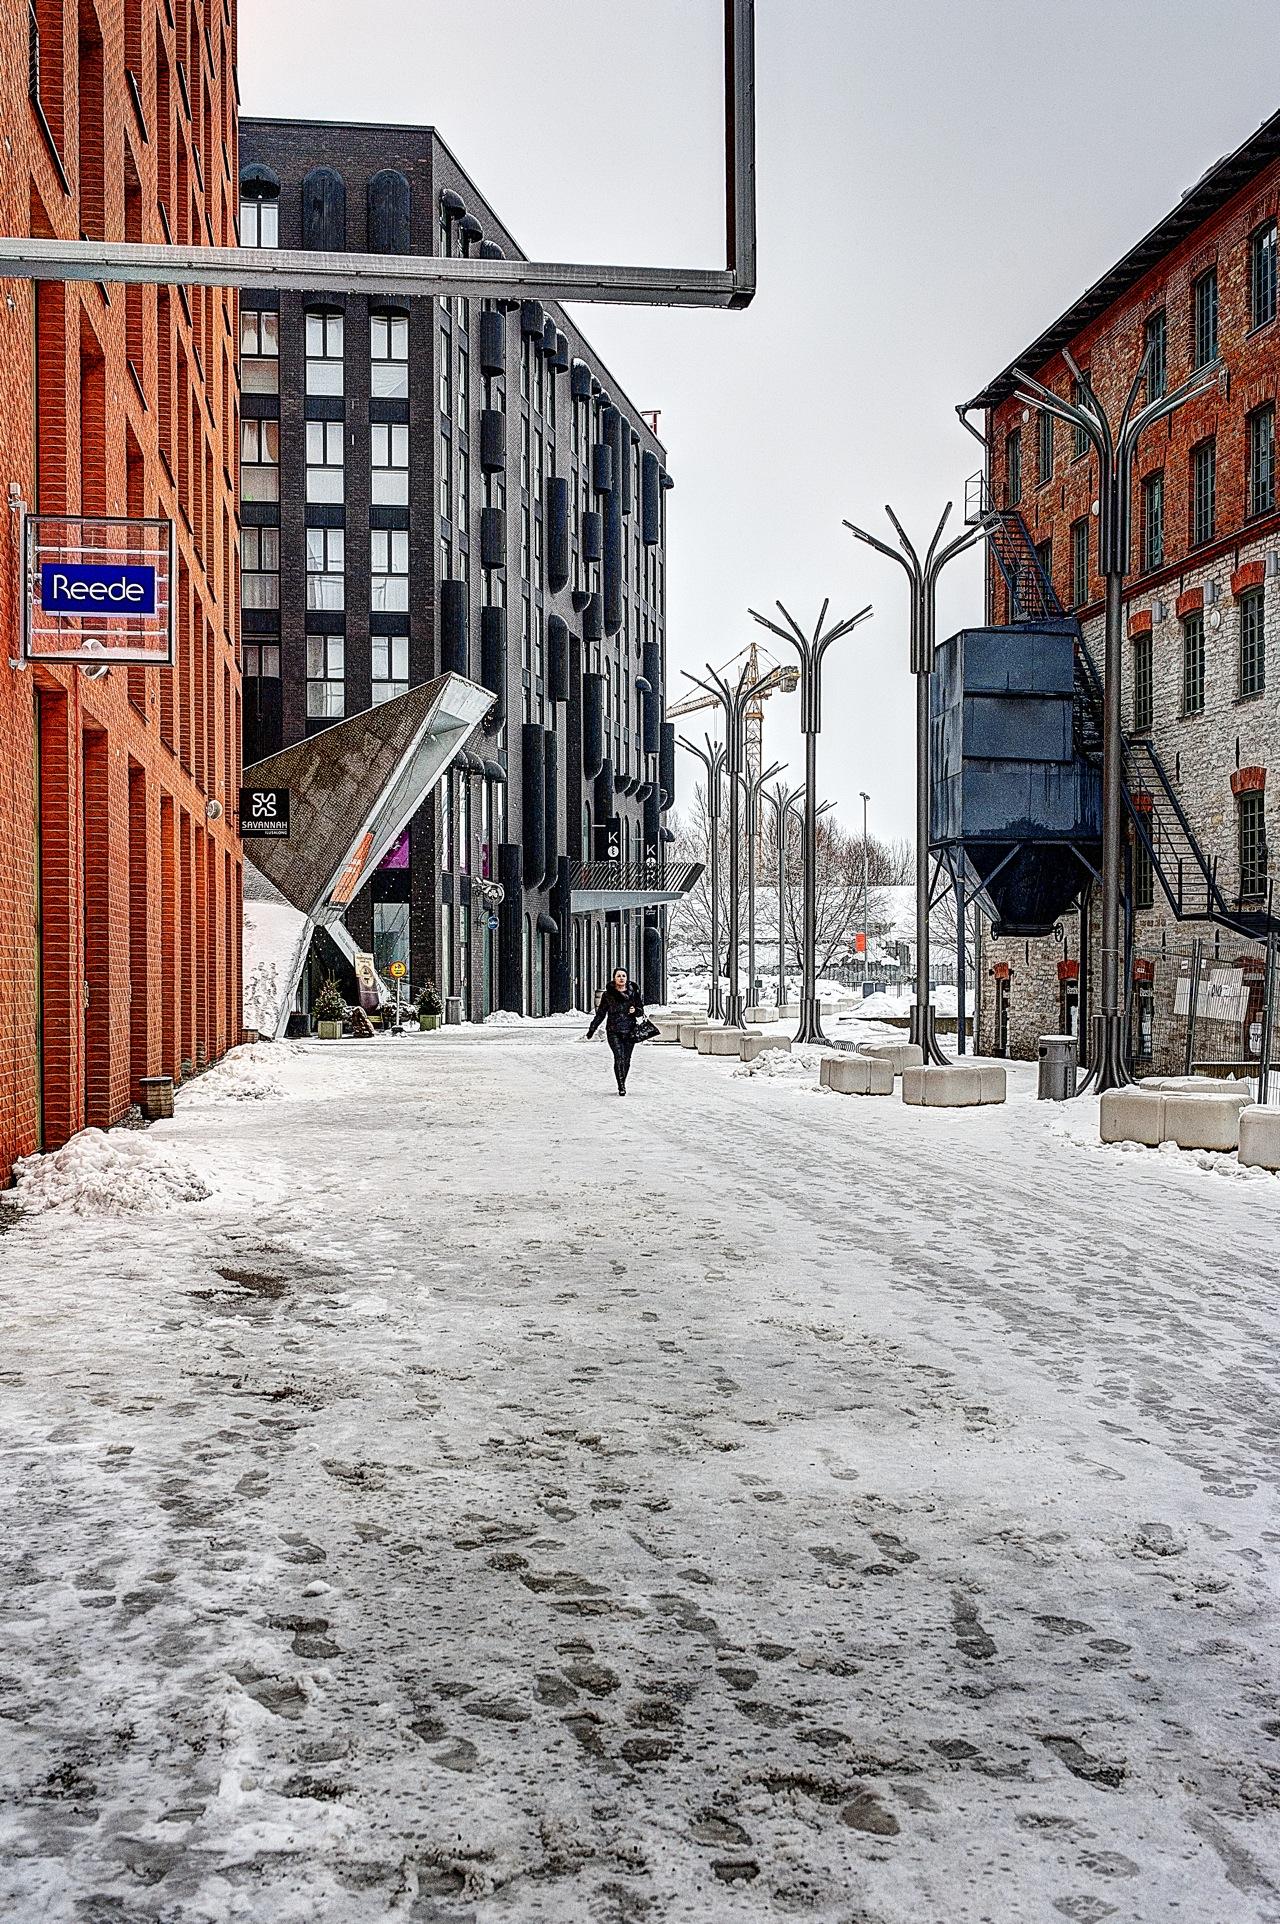 Bild: Unterwegs im Rotermanni Kvartal - dem Rotermann Viertel - in Tallinn mit NIKON D700 und CARL ZEISS Distagon T* 1.4/35 ZF.2.